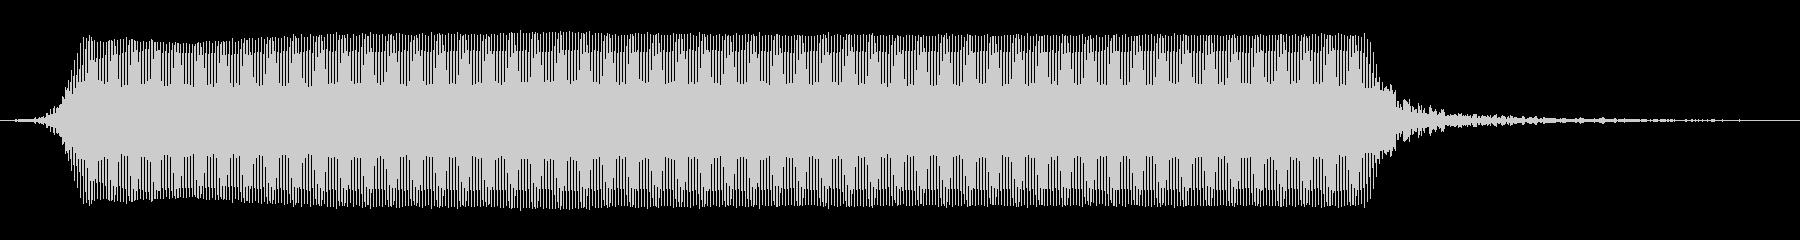 ラージエアホーン:シングルロングブ...の未再生の波形